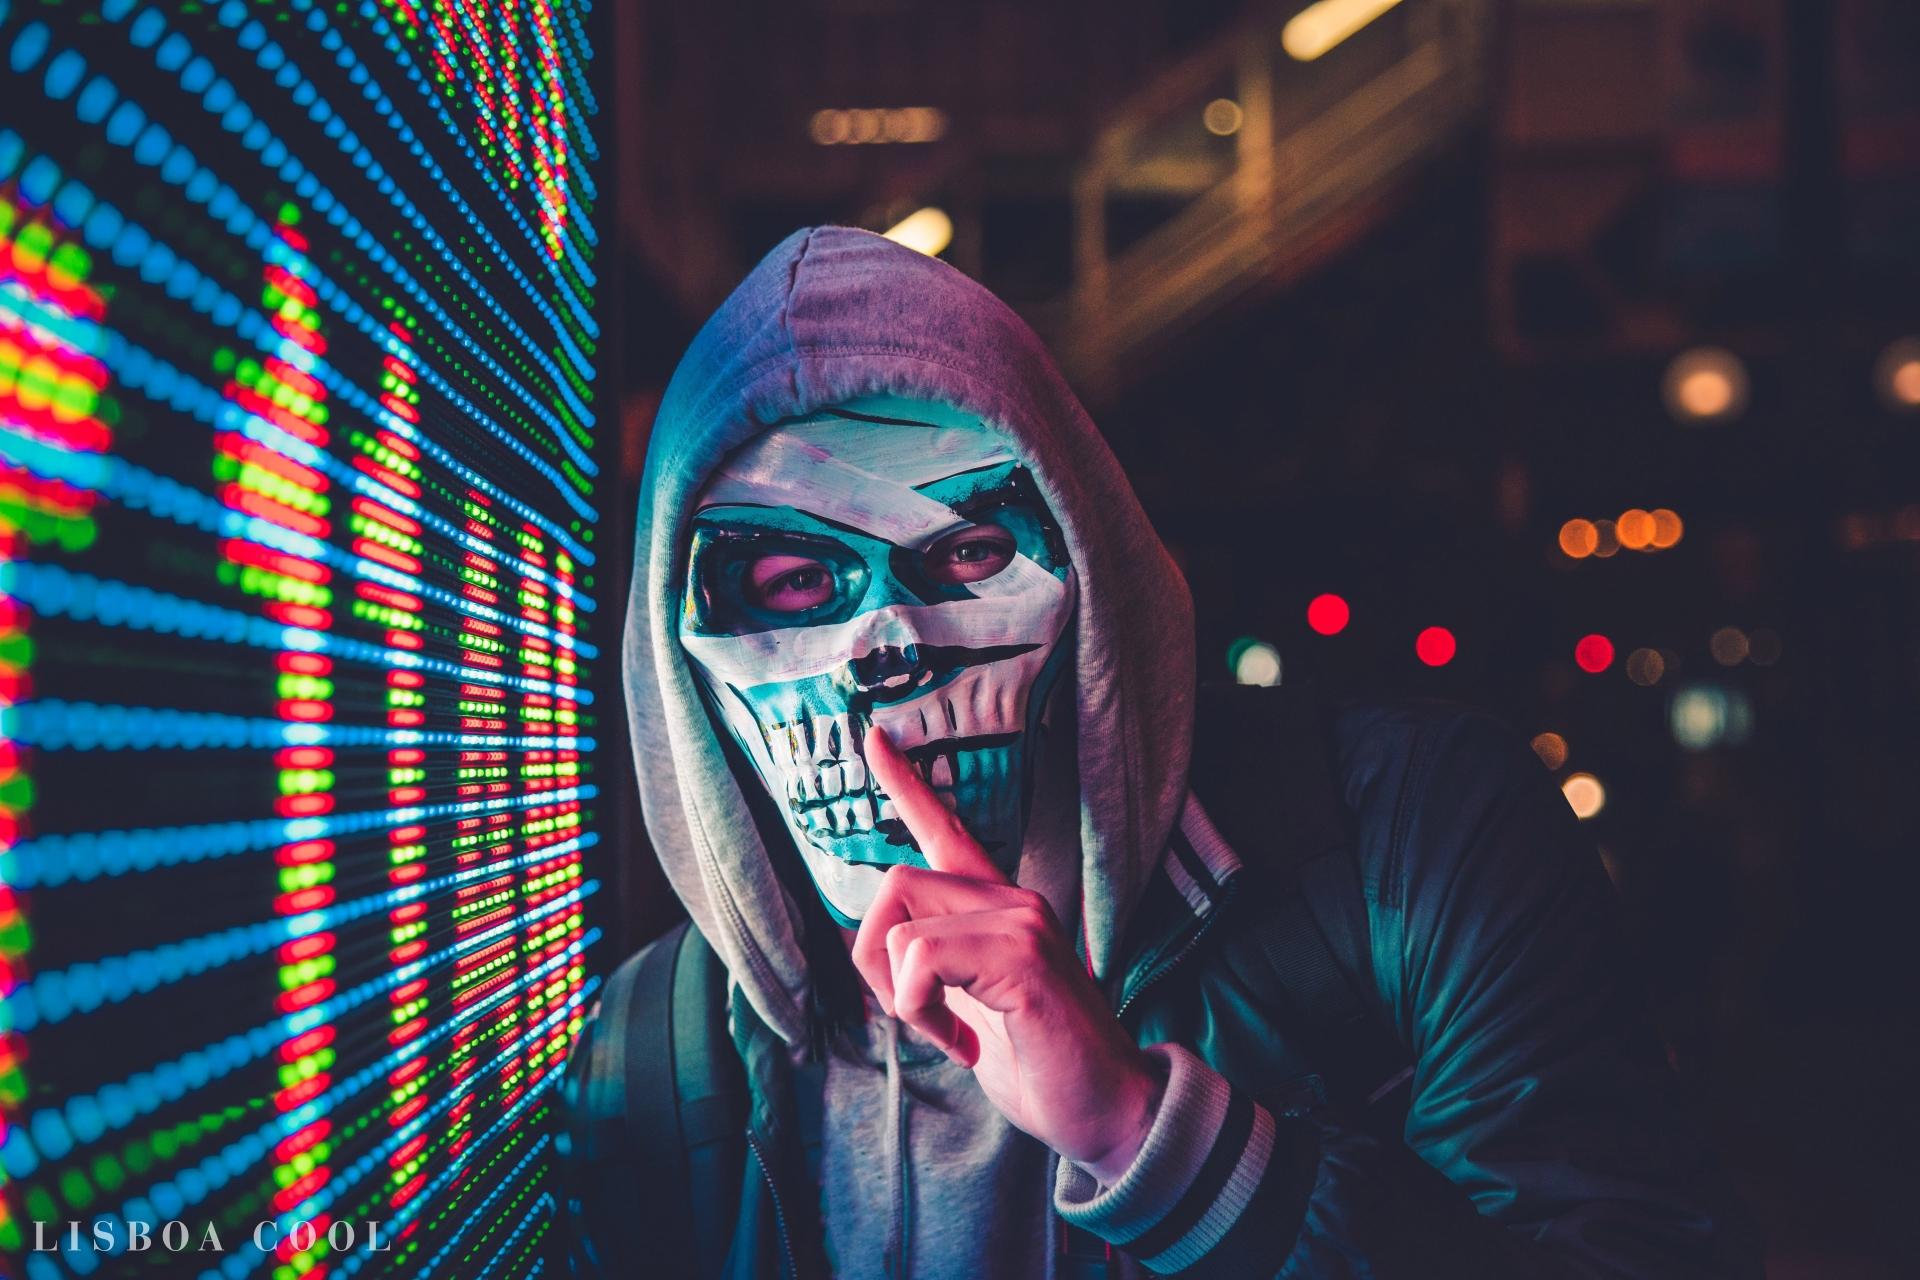 LisboaCool_Blog_31 de Outubro é sinónimo de... Corrida de Halloween!